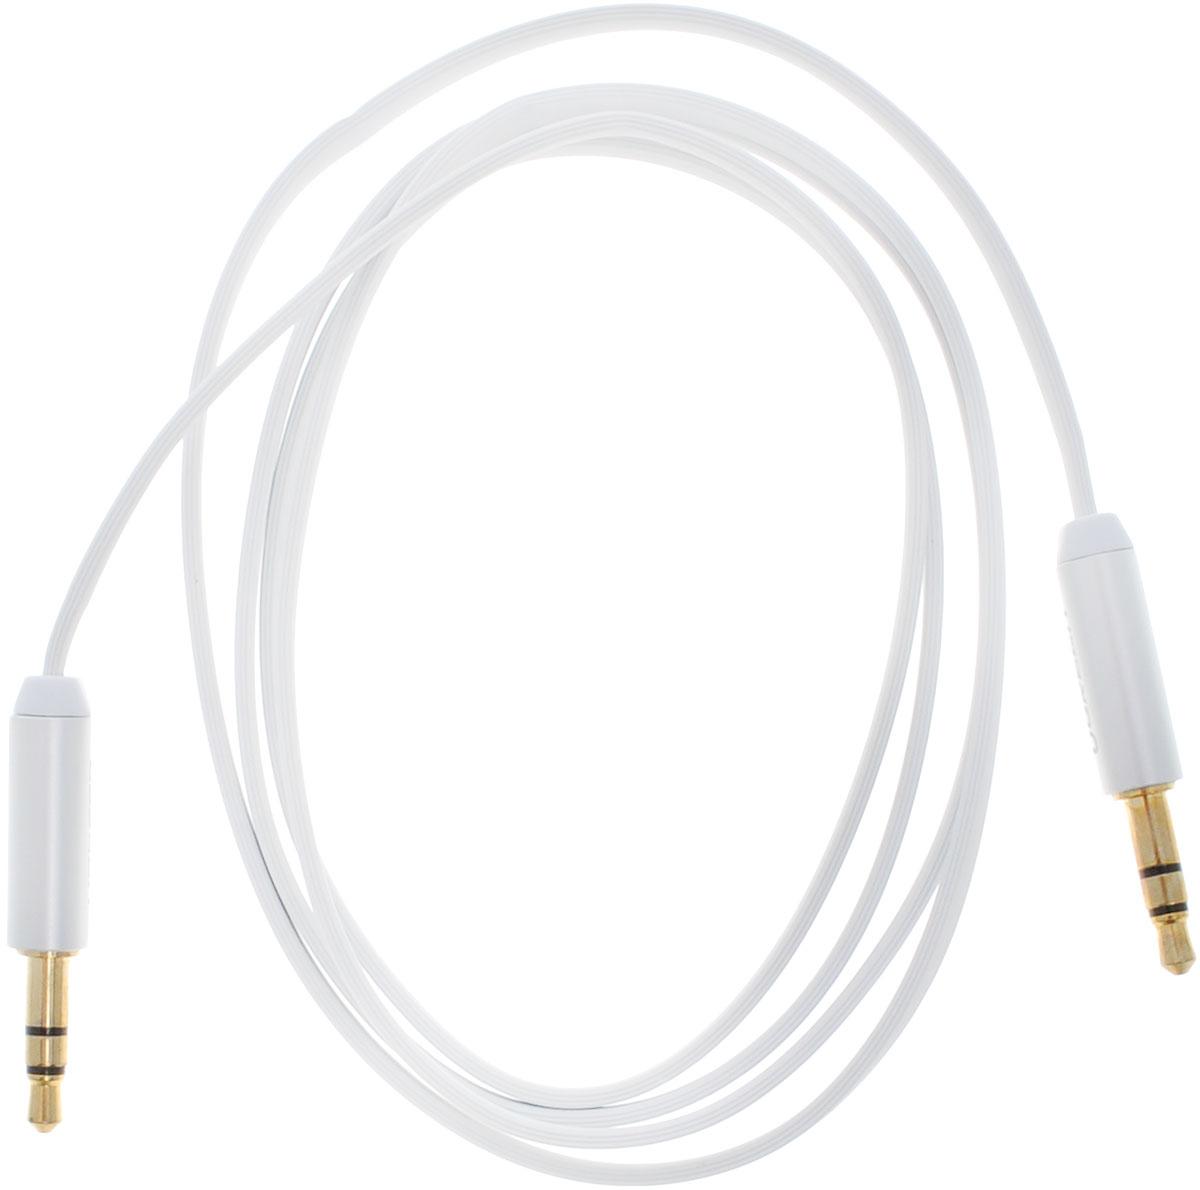 Ugreen UG-10763, White Silver кабель AUX 1 мUG-10763Кабель Ugreen UG-10763 может быть использован для подключения, например, гарнитуры с MP3-плеером, компьютера, DVD, TV, радио, CD плеер в которых есть данный аудиоразъем. Главное отличие этого аудио кабеля - мягкая оболочка и стильные металлические соединители. Прекрасное качество исполнения и экранирование позволит избежать влияния помех при передаче сигнала.Толщина кабеля: 1,5 х 3,5 мм Тип оболочки: ПВХ